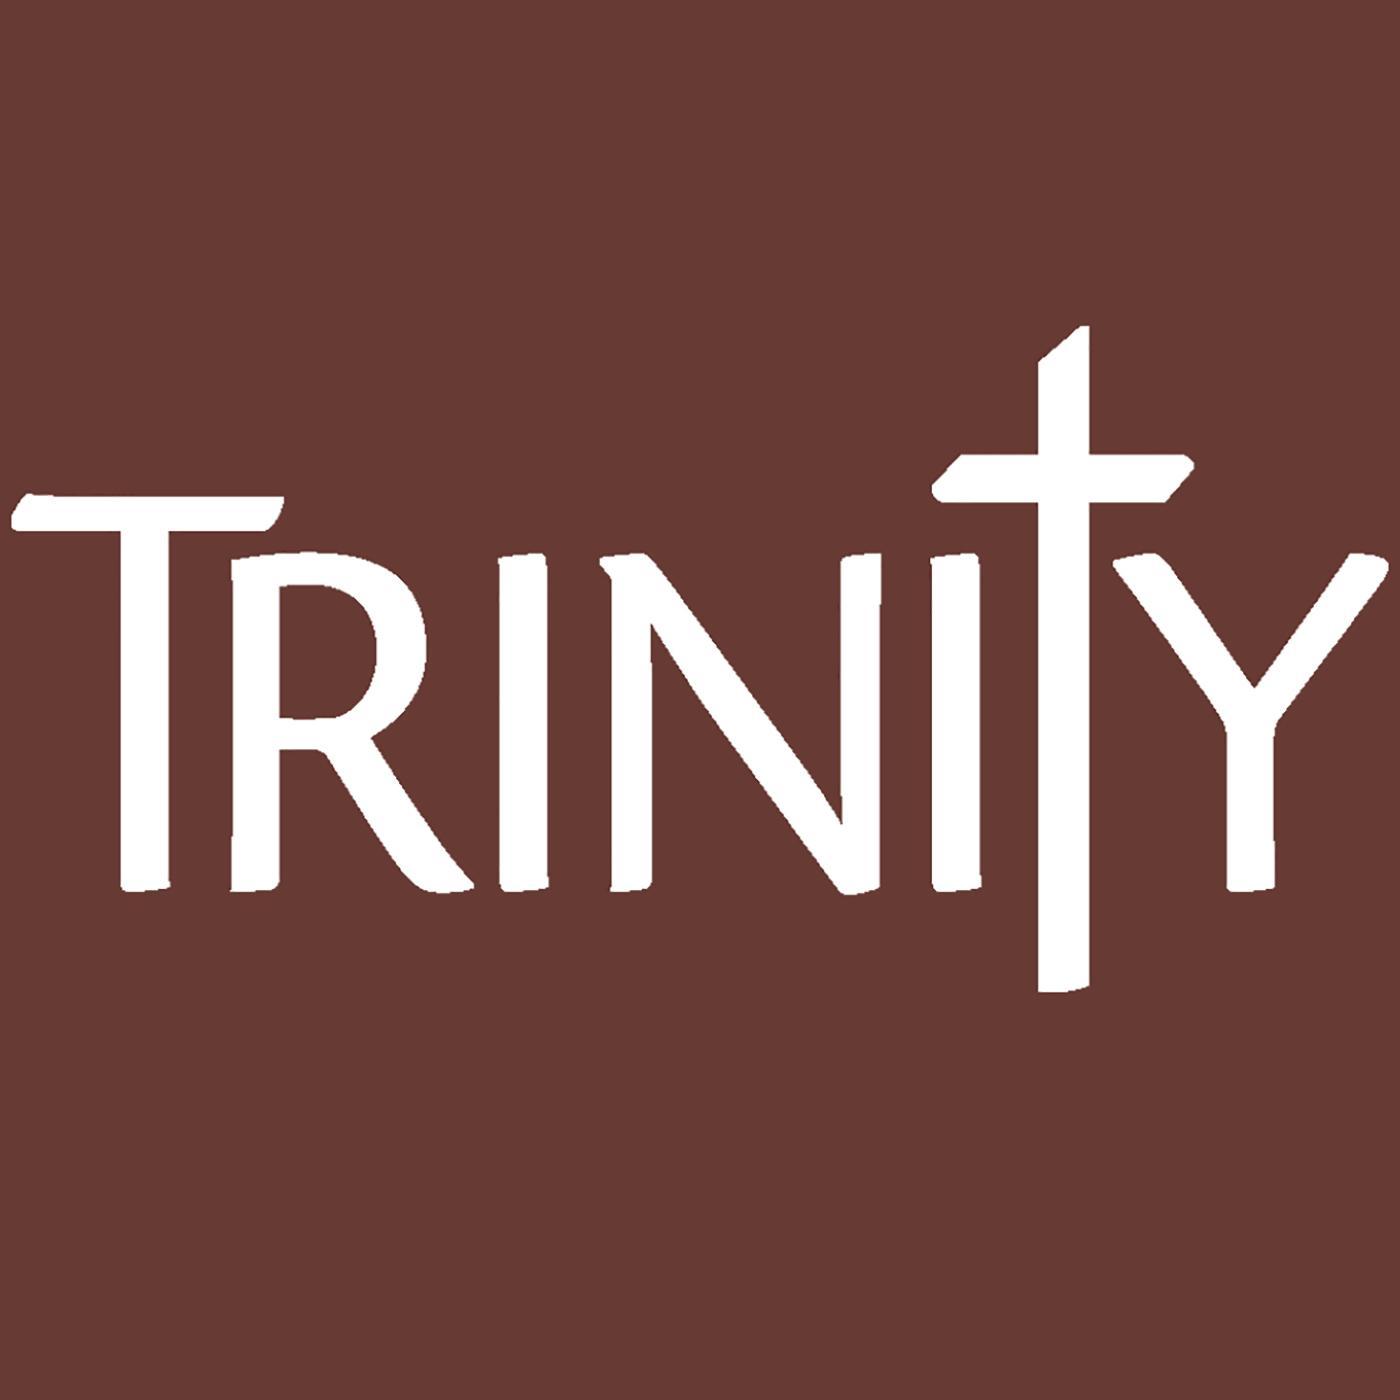 Trinity Walla Walla - Sermon Podcast - Trinity Baptist